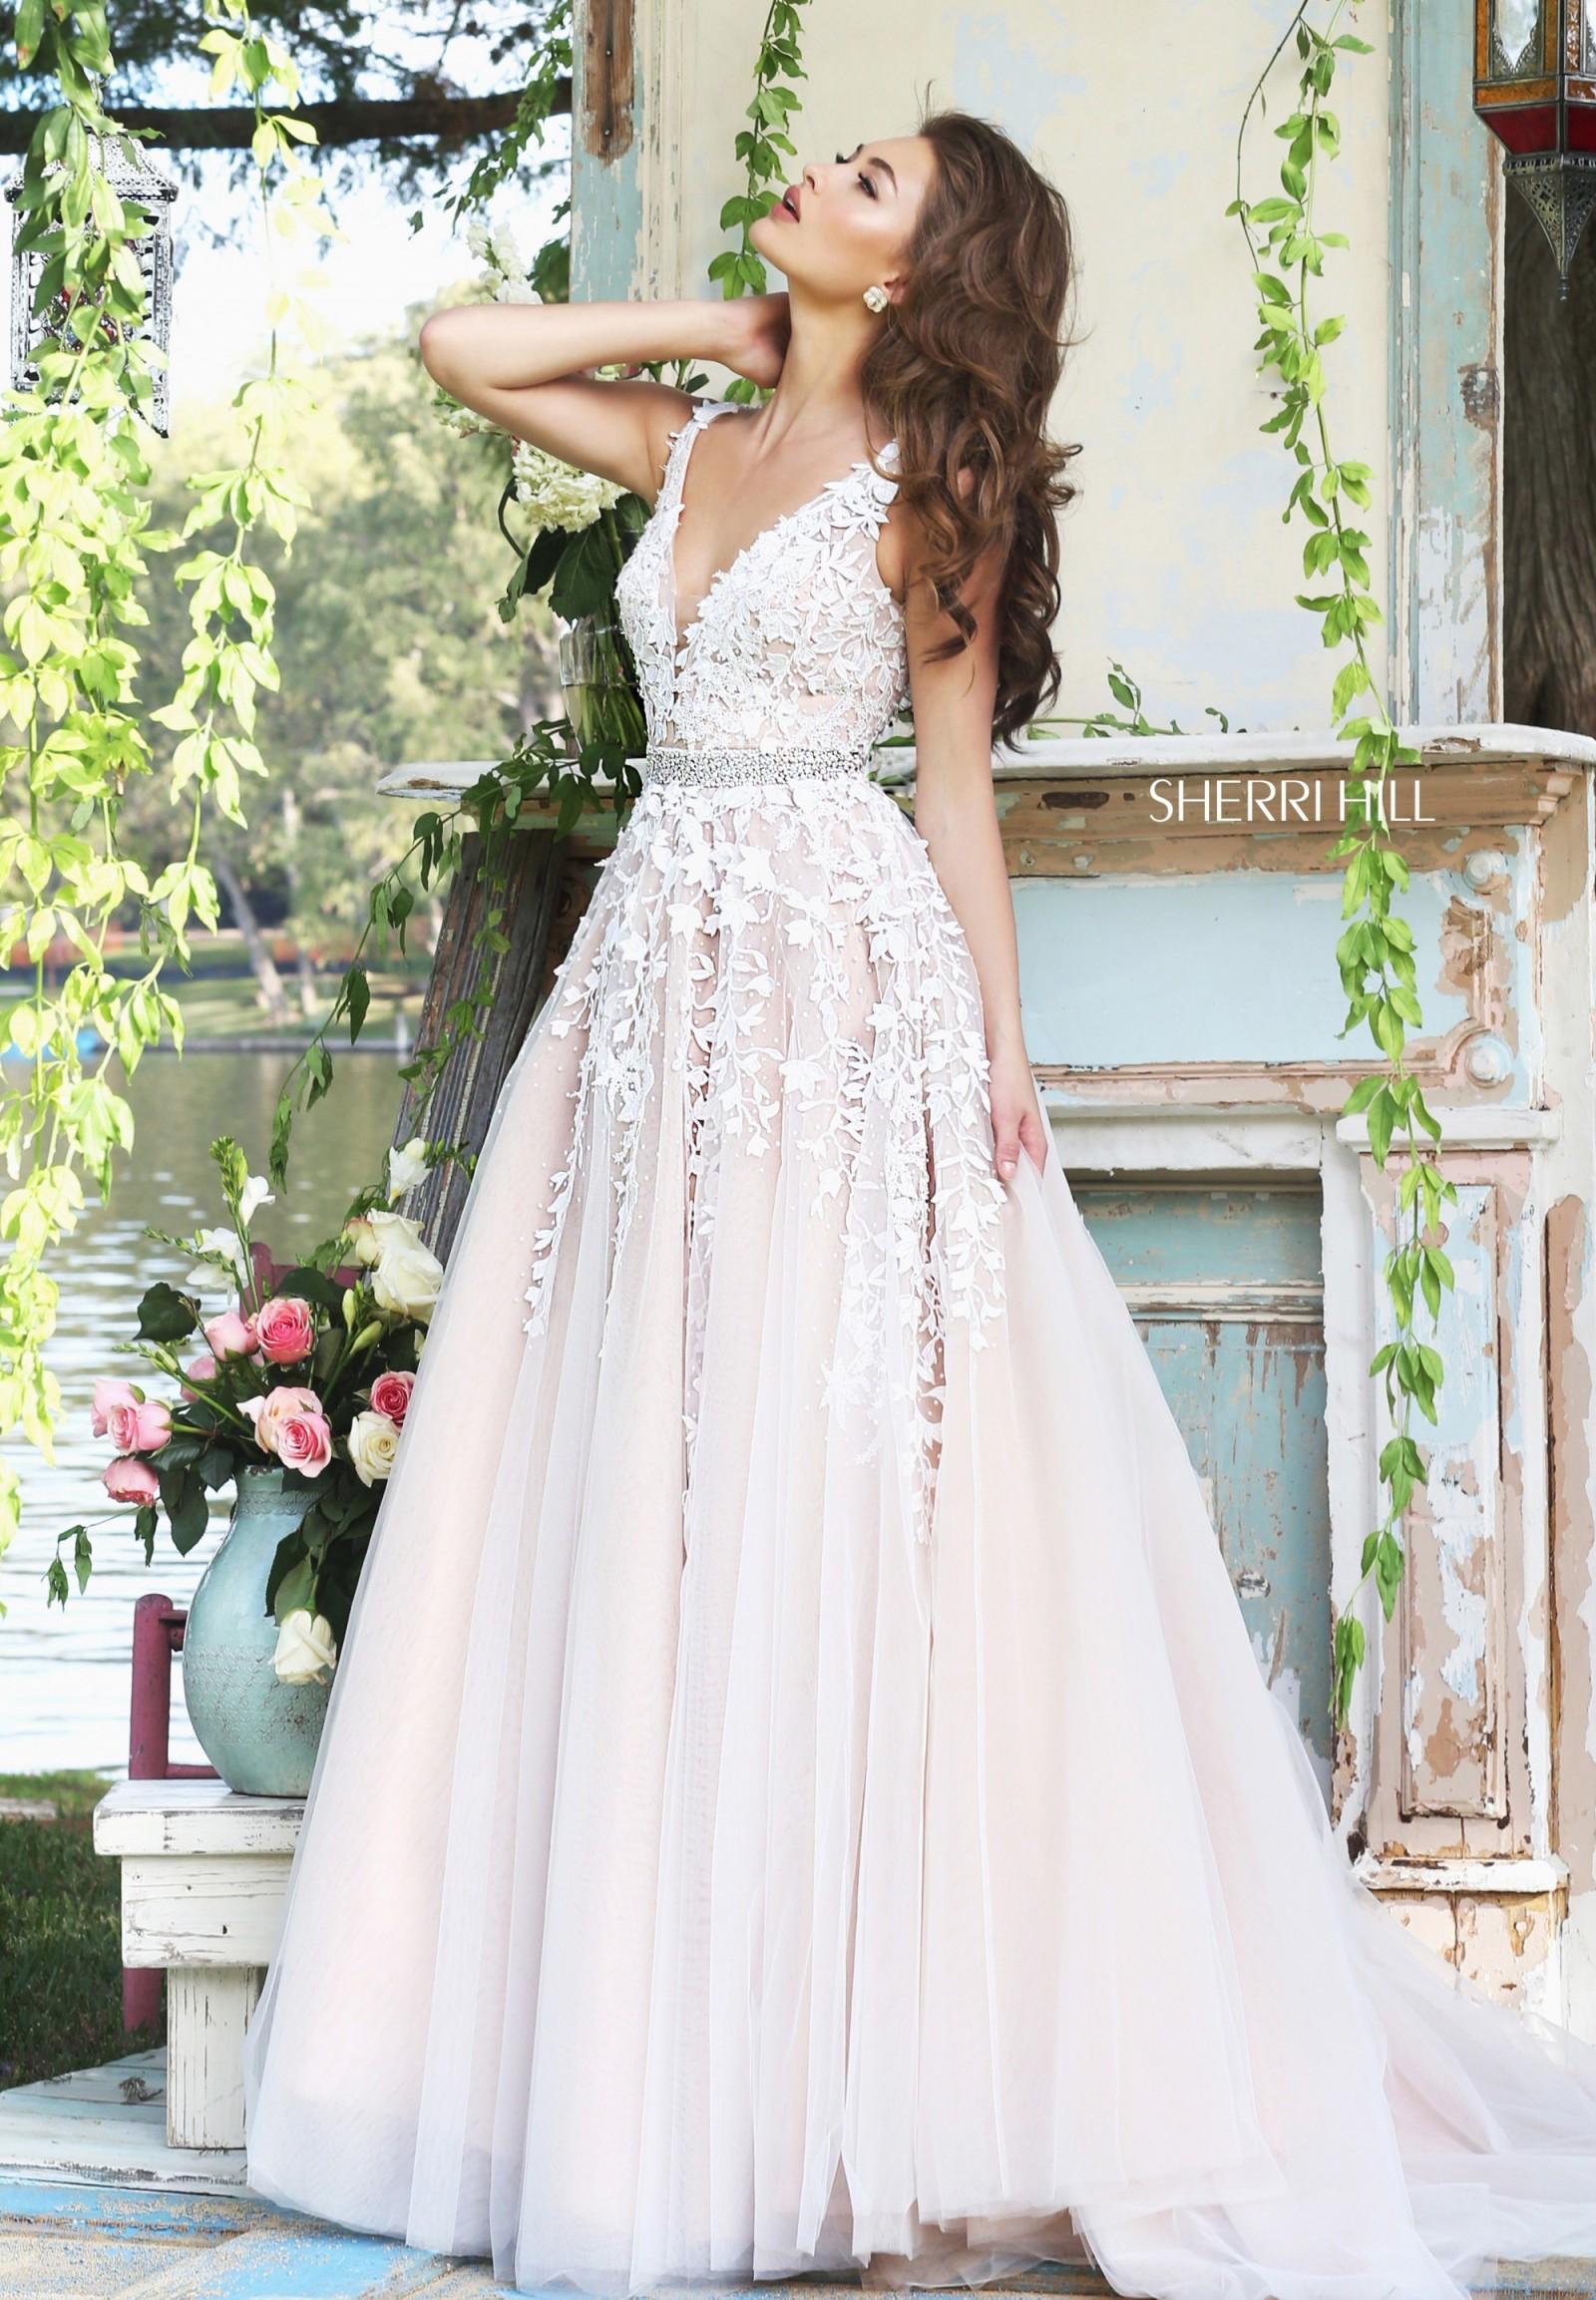 Sherri Hill 11335 New Wedding Dress on Sale 44% Off - Stillwhite Australia